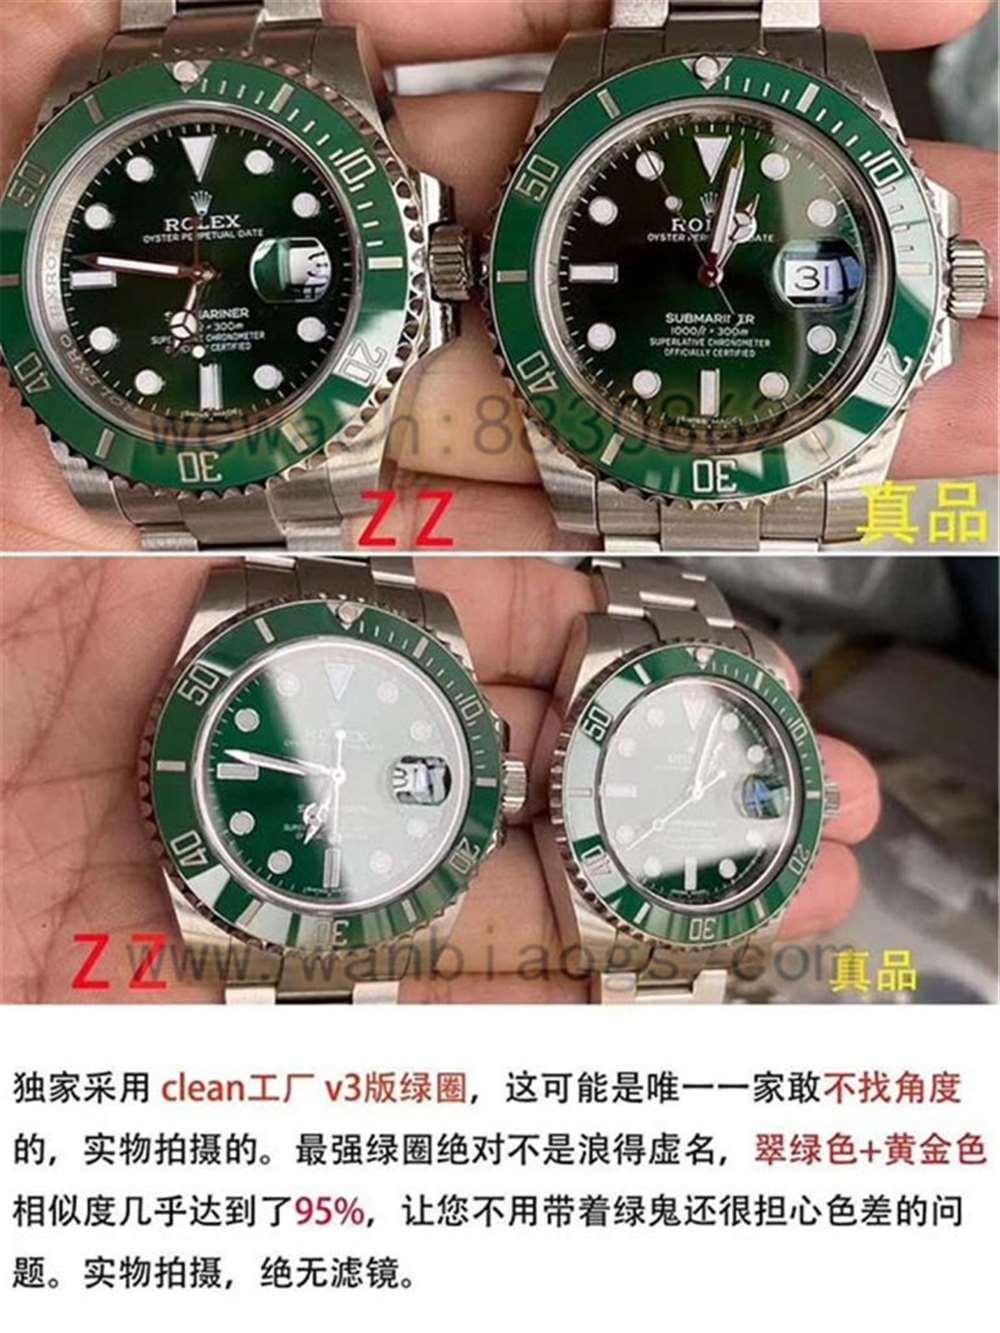 ZZ厂劳力士V2S版绿水鬼对比正品评测